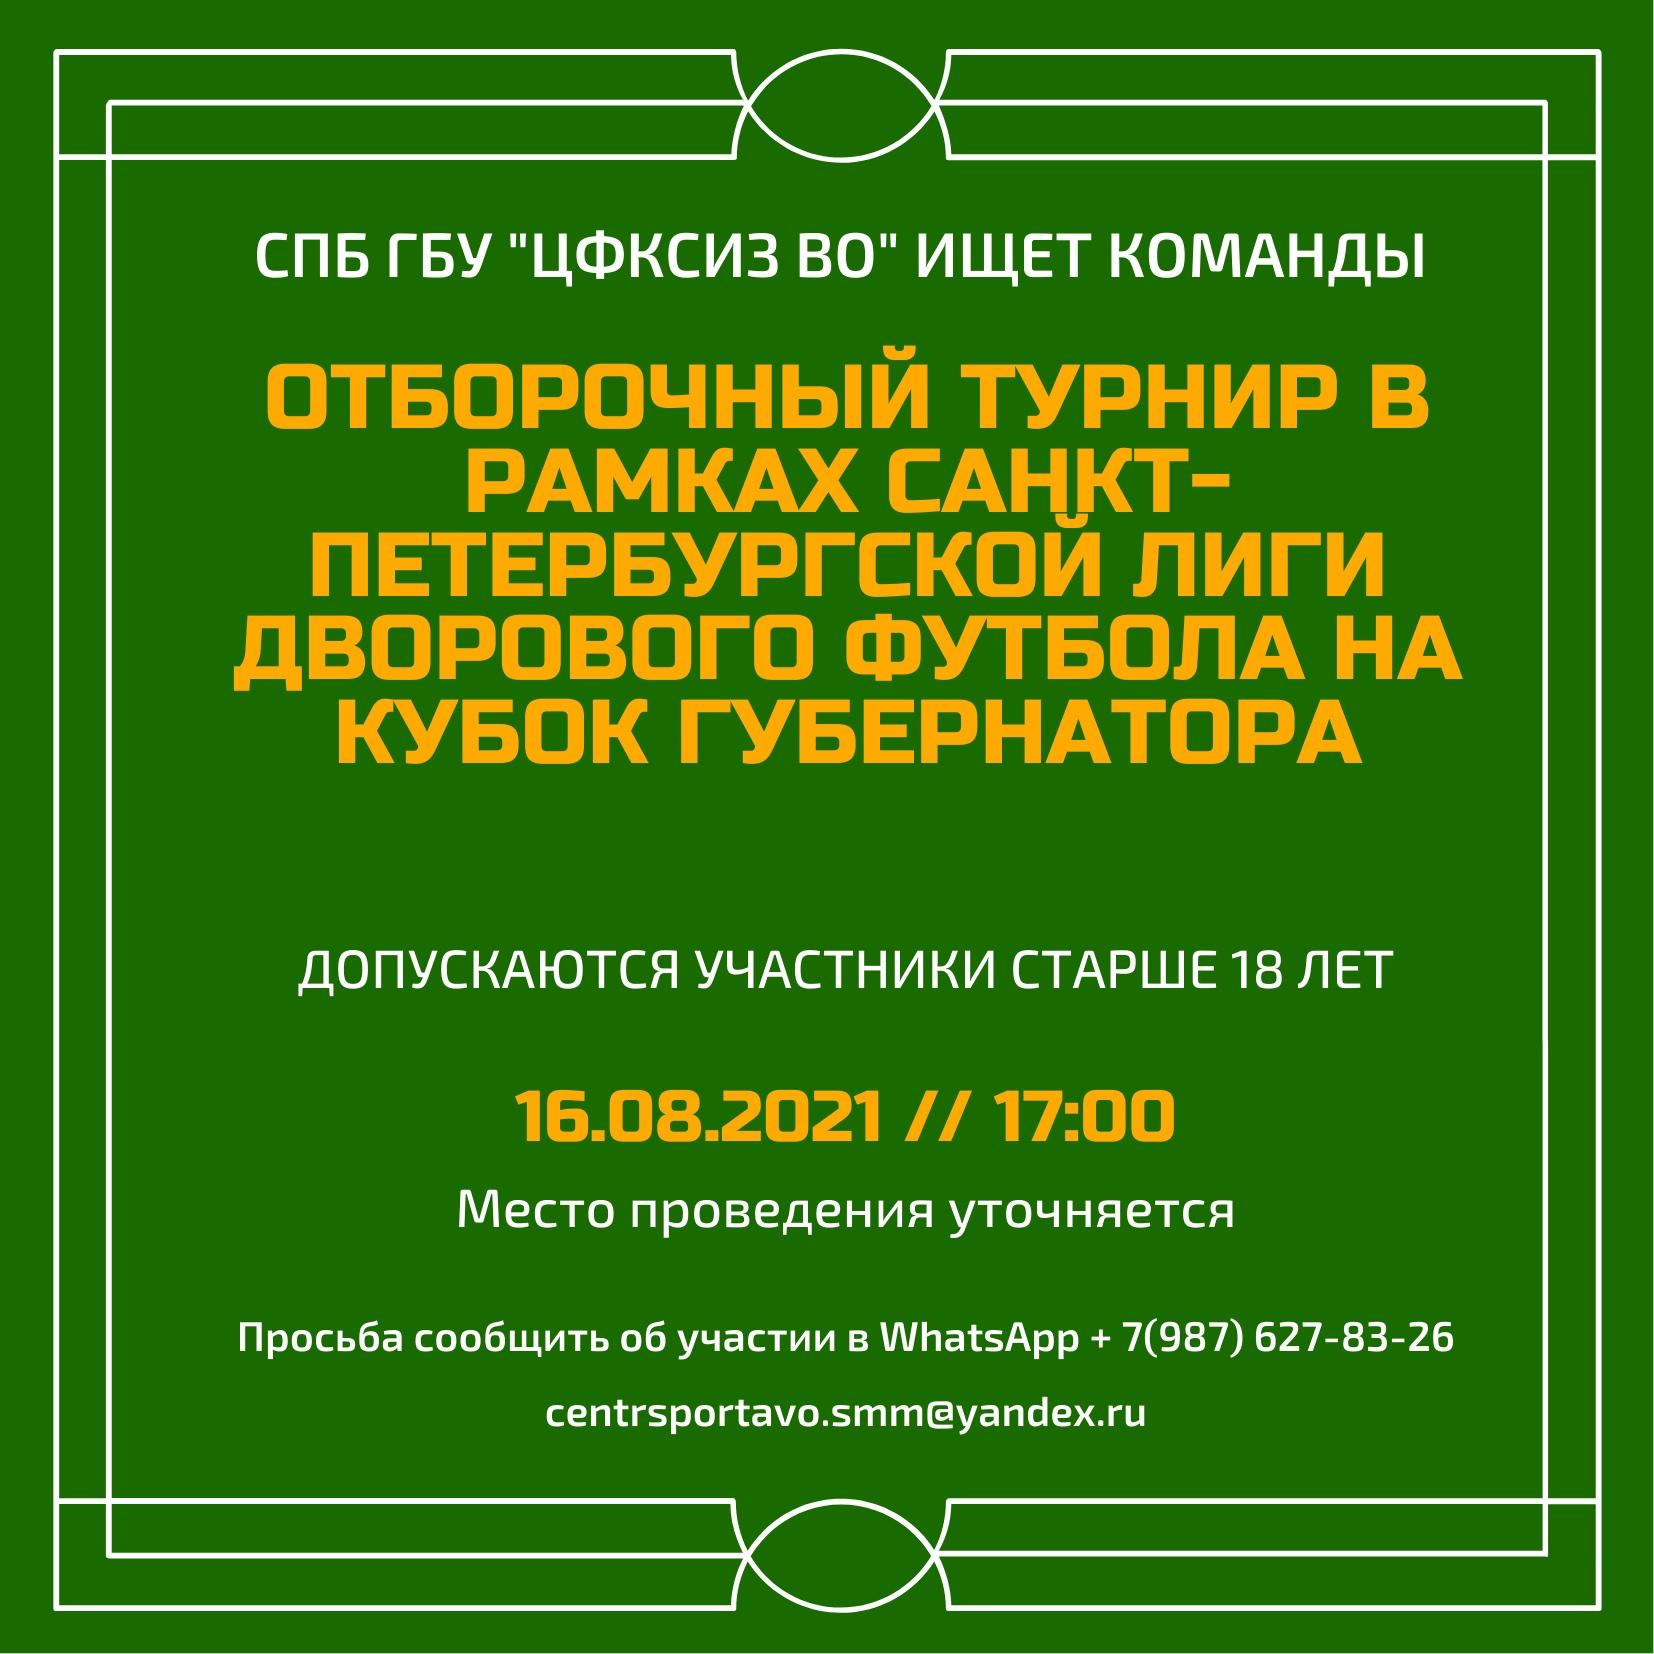 отборочный турнир в рамках Санкт-Петербургской спортивной лиги дворового футбола на кубок губернатора